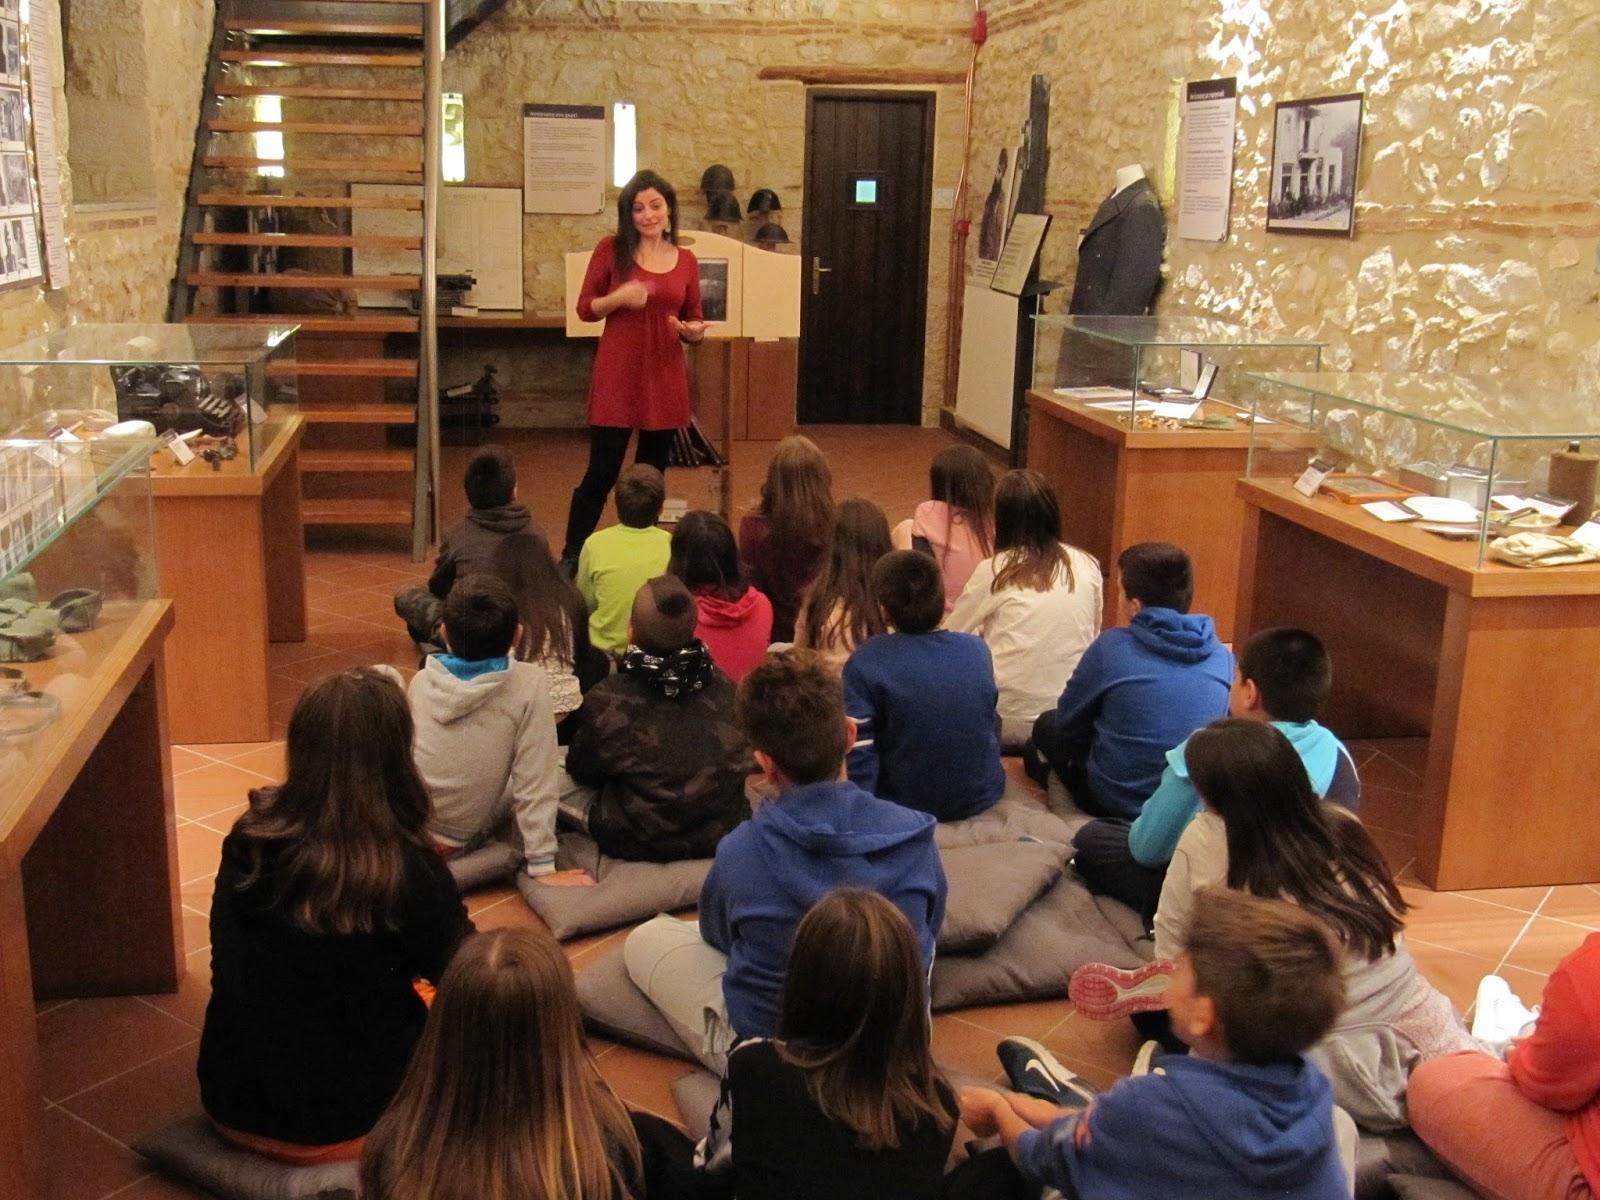 Επίσκεψη του Δημοτικού Σχολείου Κοιλάδας στο Μουσείο Εθνικής Αντίστασης Λάρισας (ΦΩΤΟ)